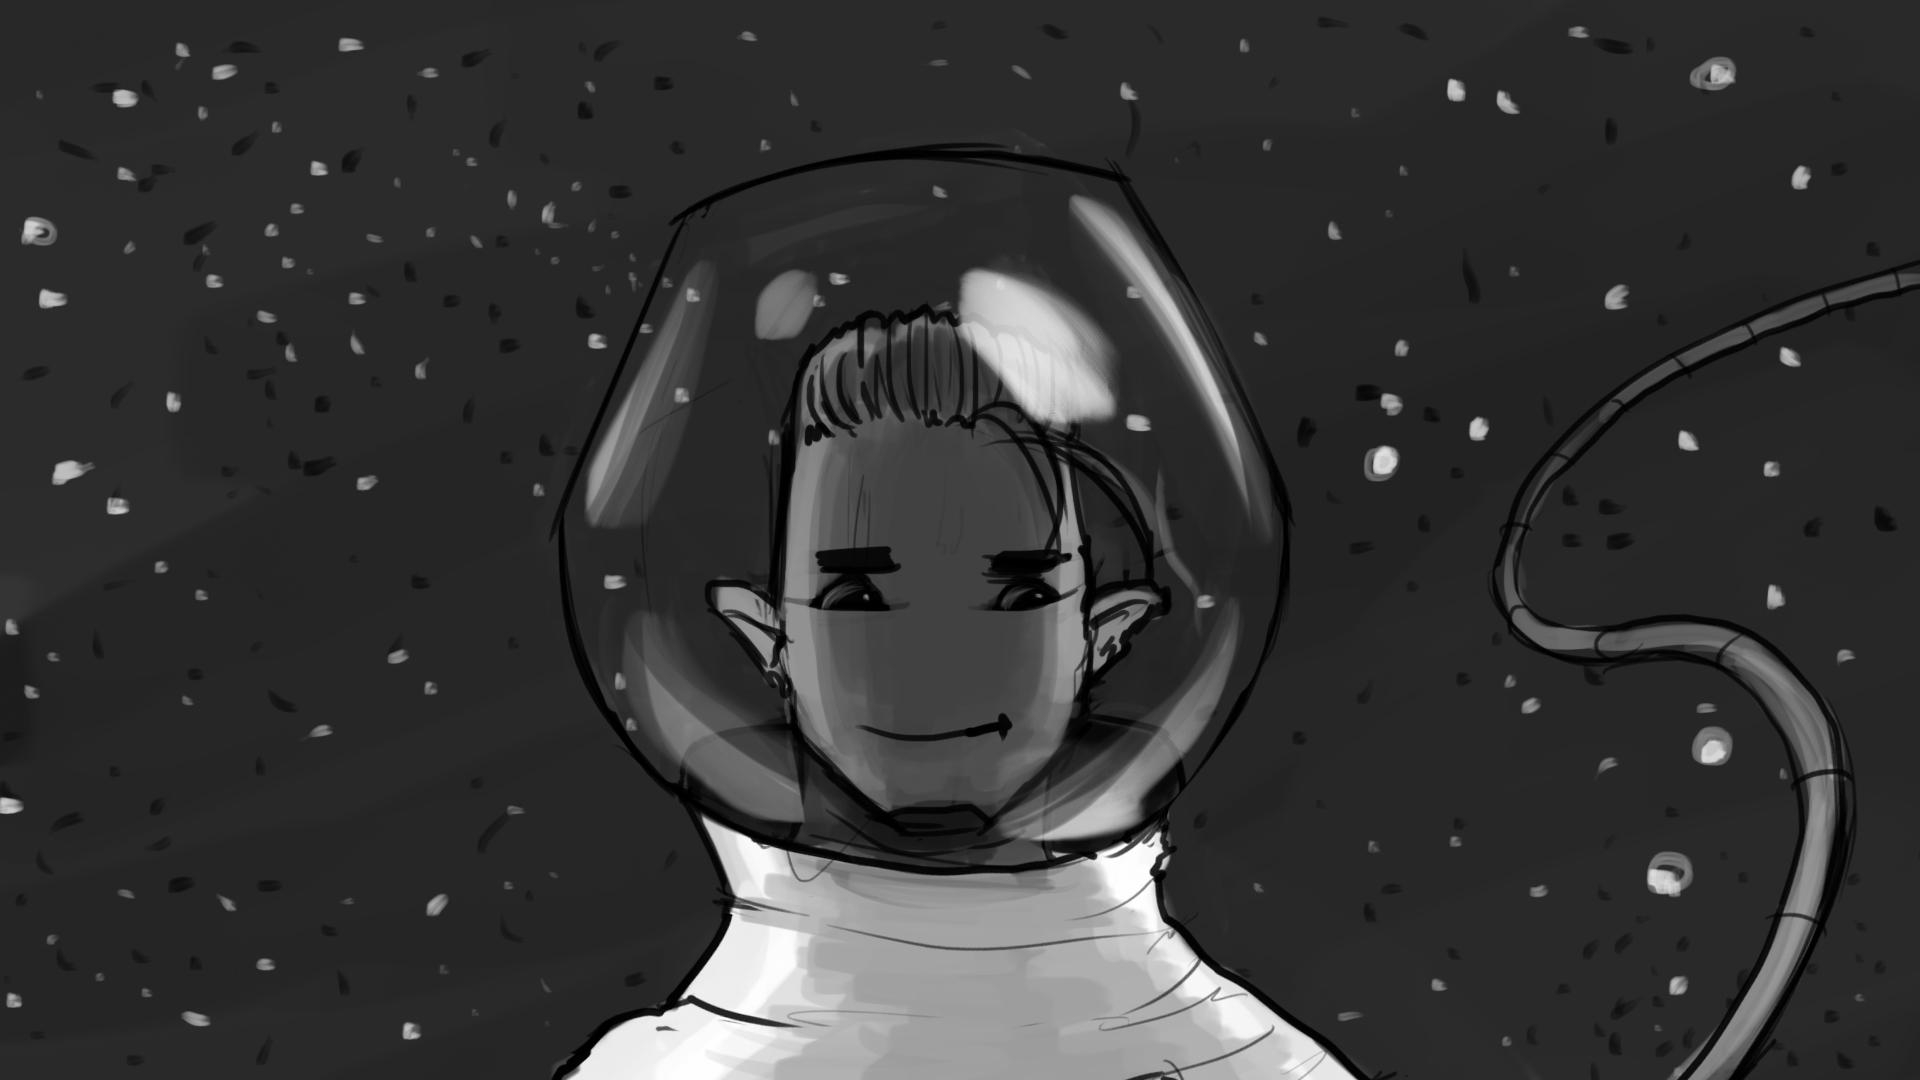 Rocket_Man_Storyboard_Artboard 12.jpg